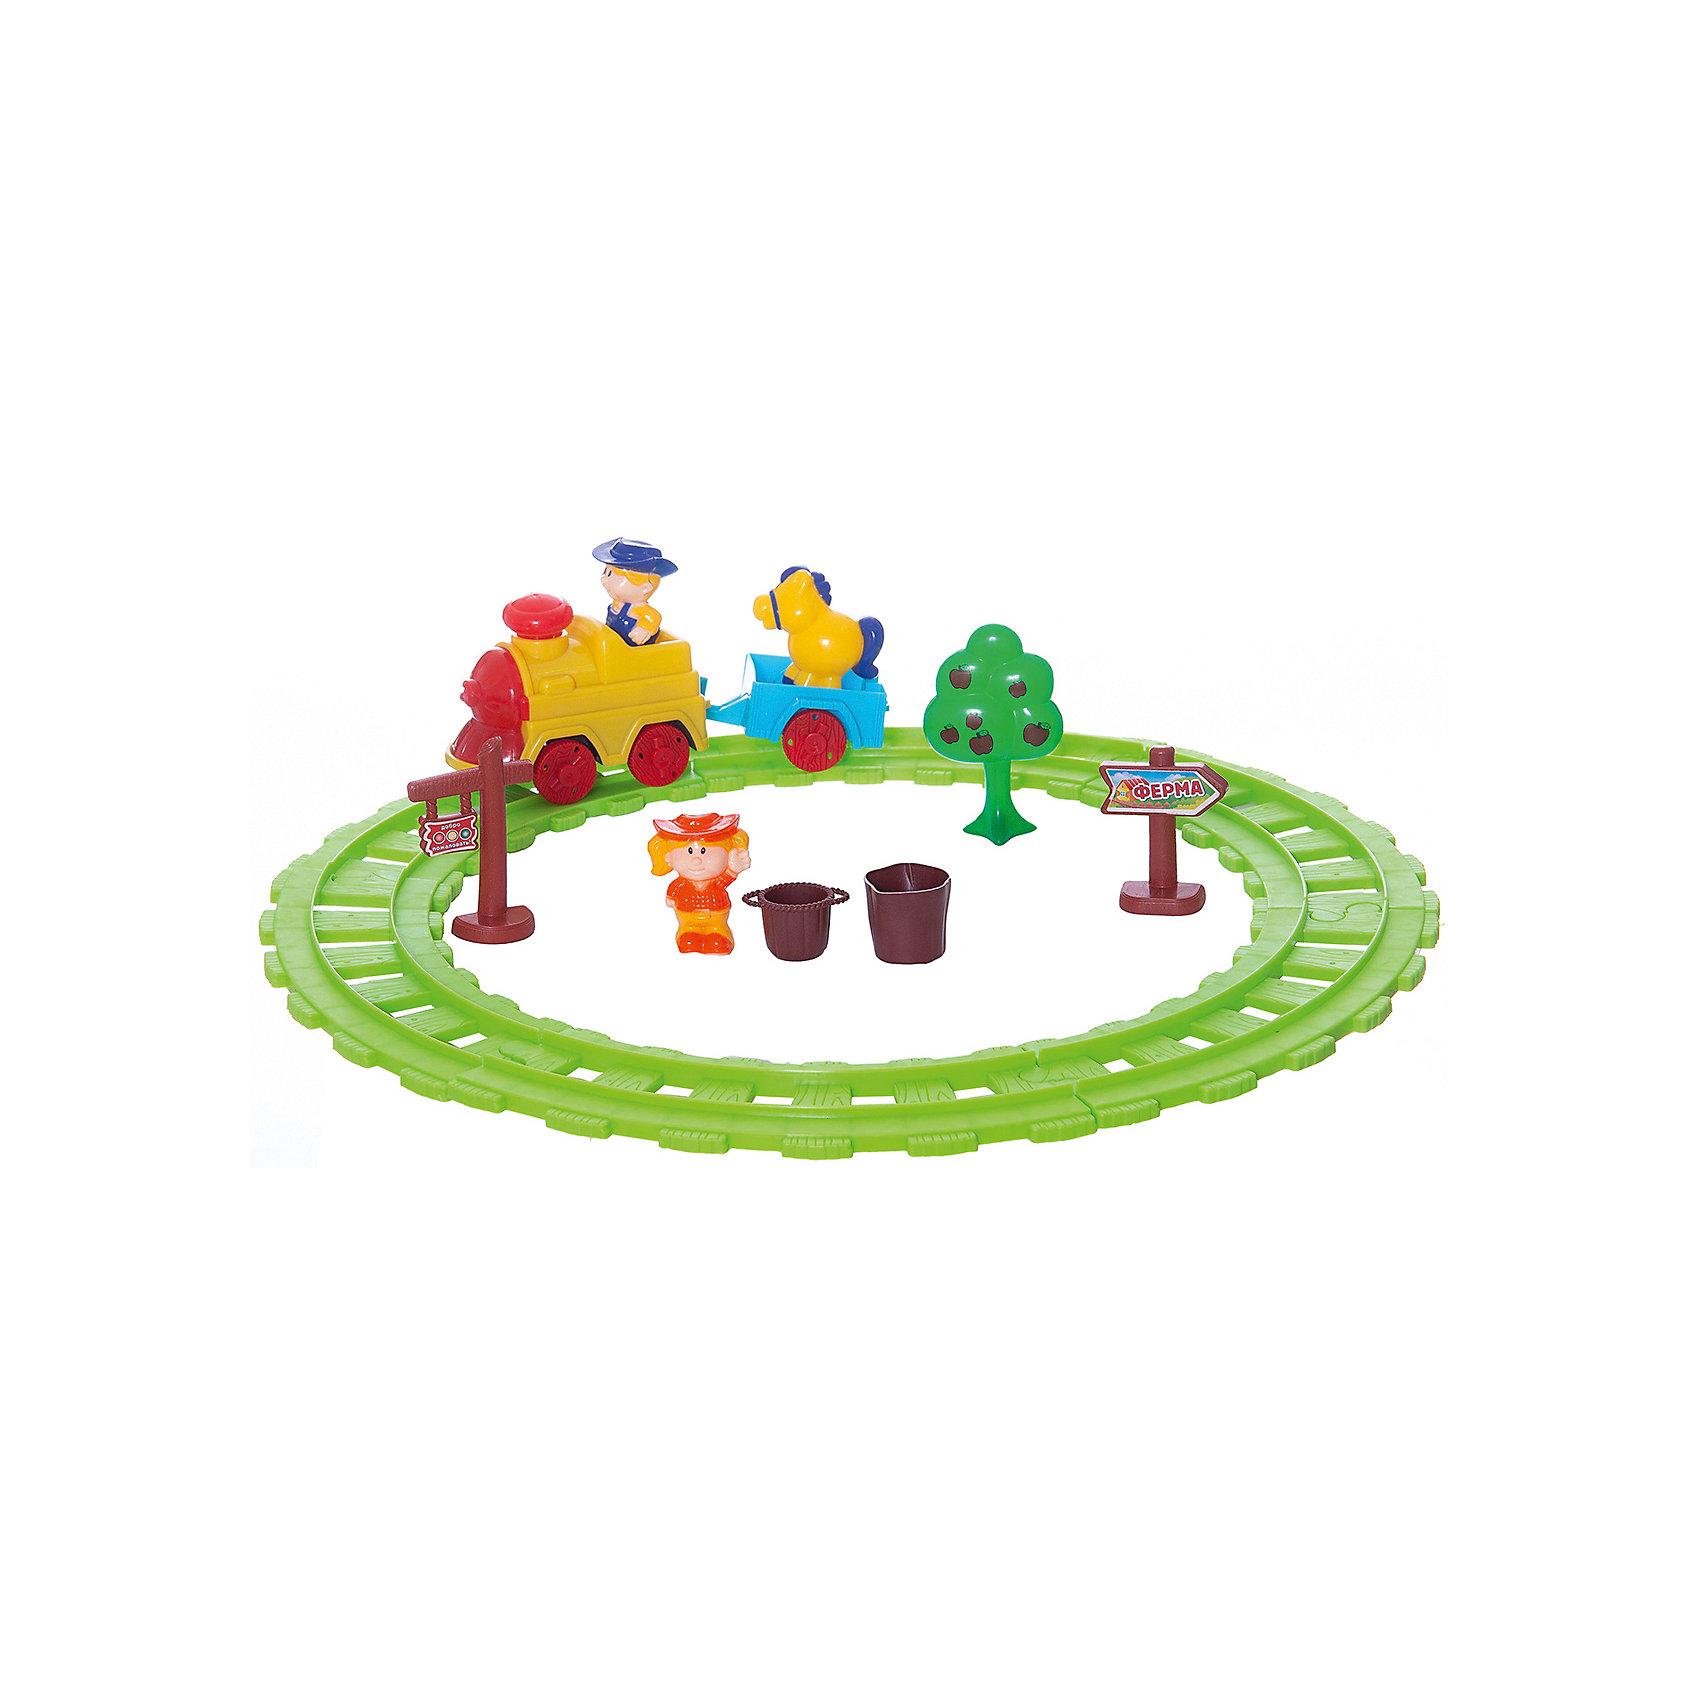 Железная дорога Веселый фермер, Голубая стрелаИгрушечная железная дорога<br>Железная дорога Веселый фермер, Голубая стрела.<br><br>Характеристики:<br><br>• Игрушка предназначена для детей от 3-х лет<br>• Комплектация: паровоза, тележка, фигурки мальчика и девочки, лошадь, деревце, указатели, пенек, ведерко, рельсы<br>• Ширина колеи: 3,3 см.<br>• Длина пути: 140 см.<br>• Длина полного состава (поезда с тележкой): 21,5 см.<br>• Батарейки: 2 типа АА (в комплект не входит)<br>• Материал: пластик<br>• Упаковка: картонная коробка блистерного типа<br>• Размер упаковки:. 45,5х7,5х27,5 см.<br><br>Железная дорога Веселый фермер - это набор для малышей, состоящий из ярких крупных деталей. Яркий дизайн, световые и звуковые эффекты в сочетании с функциональностью порадуют вашего ребенка. Железная дорога собирается в форме круга. Все элементы легко соединятся между собой. <br><br>На паровозике есть кнопка при нажатии, на нее звучит мелодия и паровоз начинает ехать, фара при движении светися. Для увлекательной сюжетной игры в комплекте имеются дополнительные элементы – деревце, лошадка, указатели, фигурки мальчика и девочки, пенечек и ведерко. Играть с железной дорогой очень интересно и увлекательно. Играя, ребенок разовьет пространственное мышление, мелкую моторику рук и воображение.<br><br>Железную дорогу Веселый фермер, Голубая стрела можно купить в нашем интернет-магазине.<br><br>Ширина мм: 460<br>Глубина мм: 279<br>Высота мм: 77<br>Вес г: 795<br>Возраст от месяцев: 36<br>Возраст до месяцев: 2147483647<br>Пол: Мужской<br>Возраст: Детский<br>SKU: 5400259